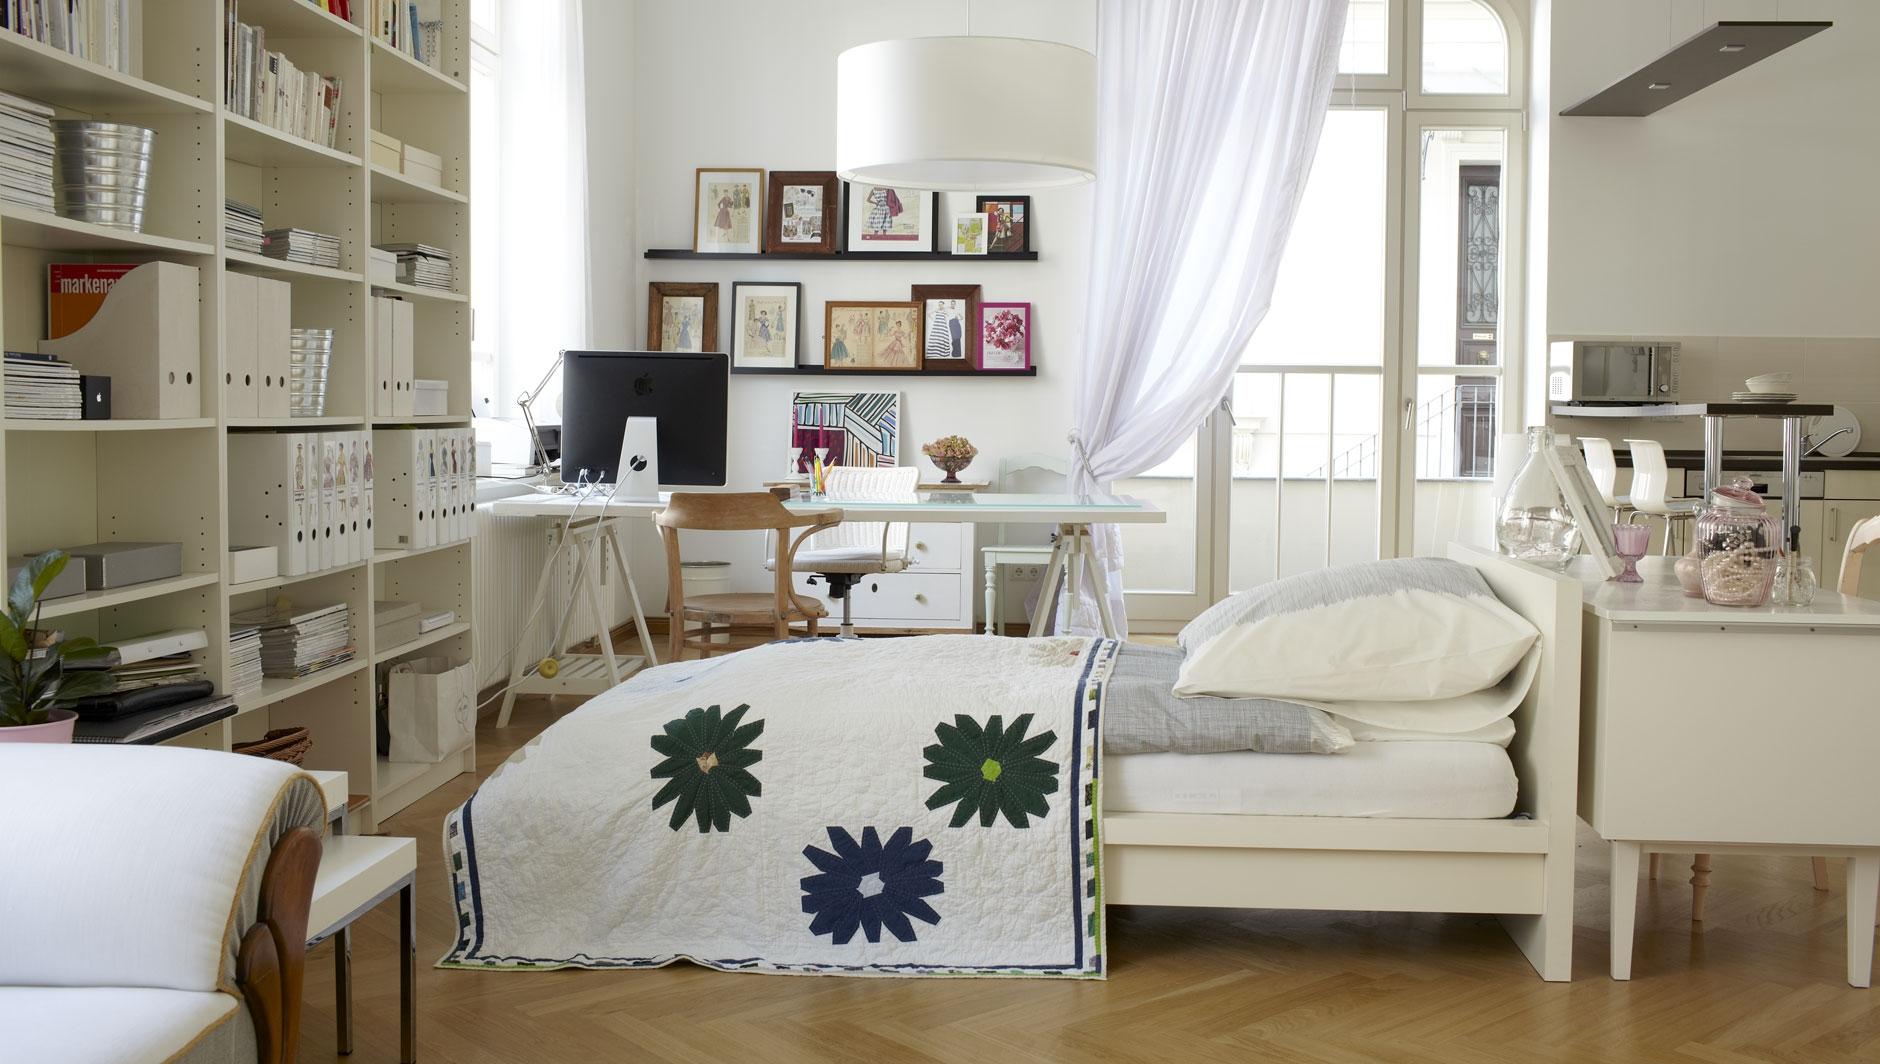 Студенты в спальне, Смотрите онлайн Горячие студенты трахаются в спальне 17 фотография